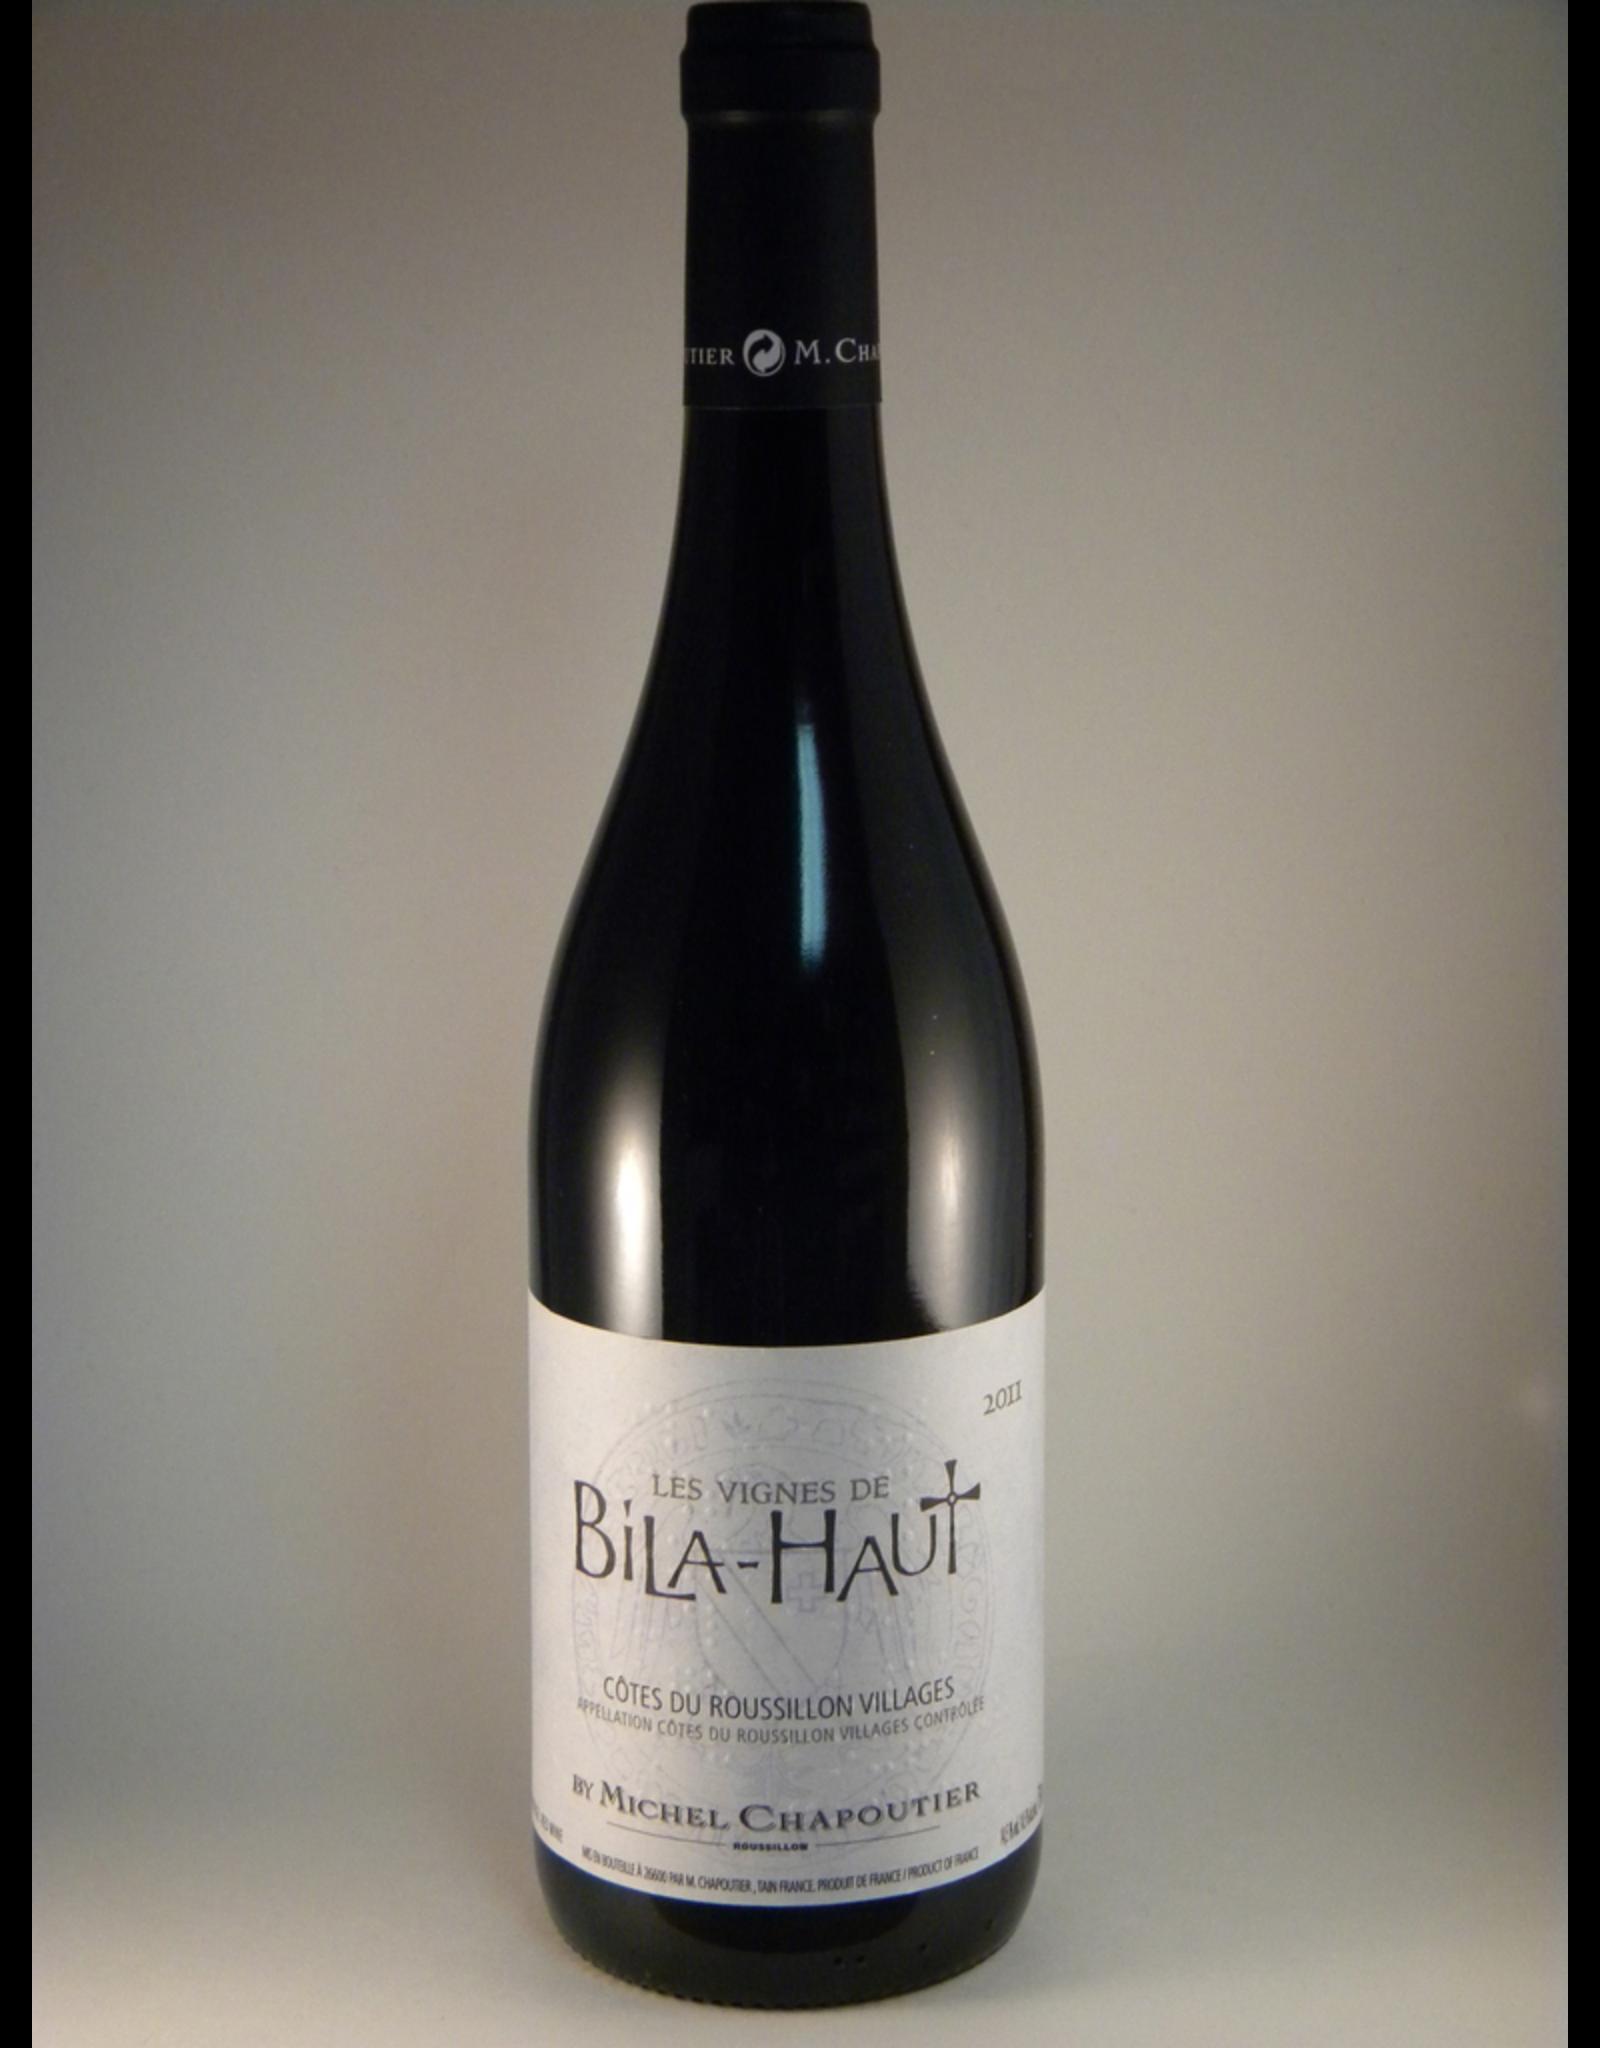 Chapoutier Bila-Haut Cotes du Roussillon Les Vignes de Bila Haut 2018